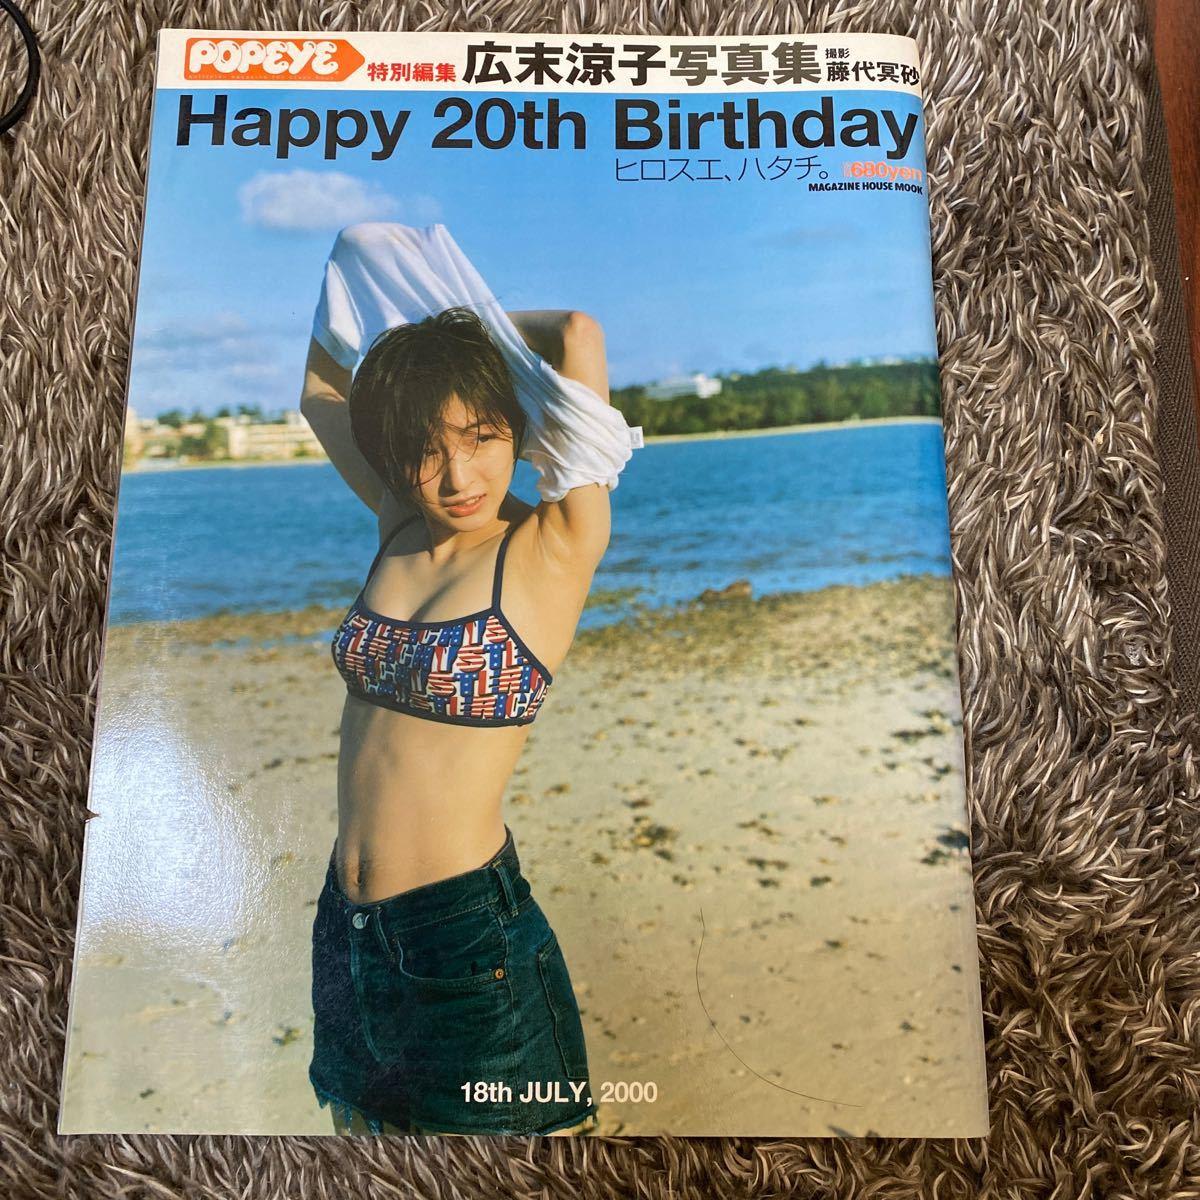 (写真集)Happy 20th birthday広末涼子写真集 (マガジンハウスムック popeye)/